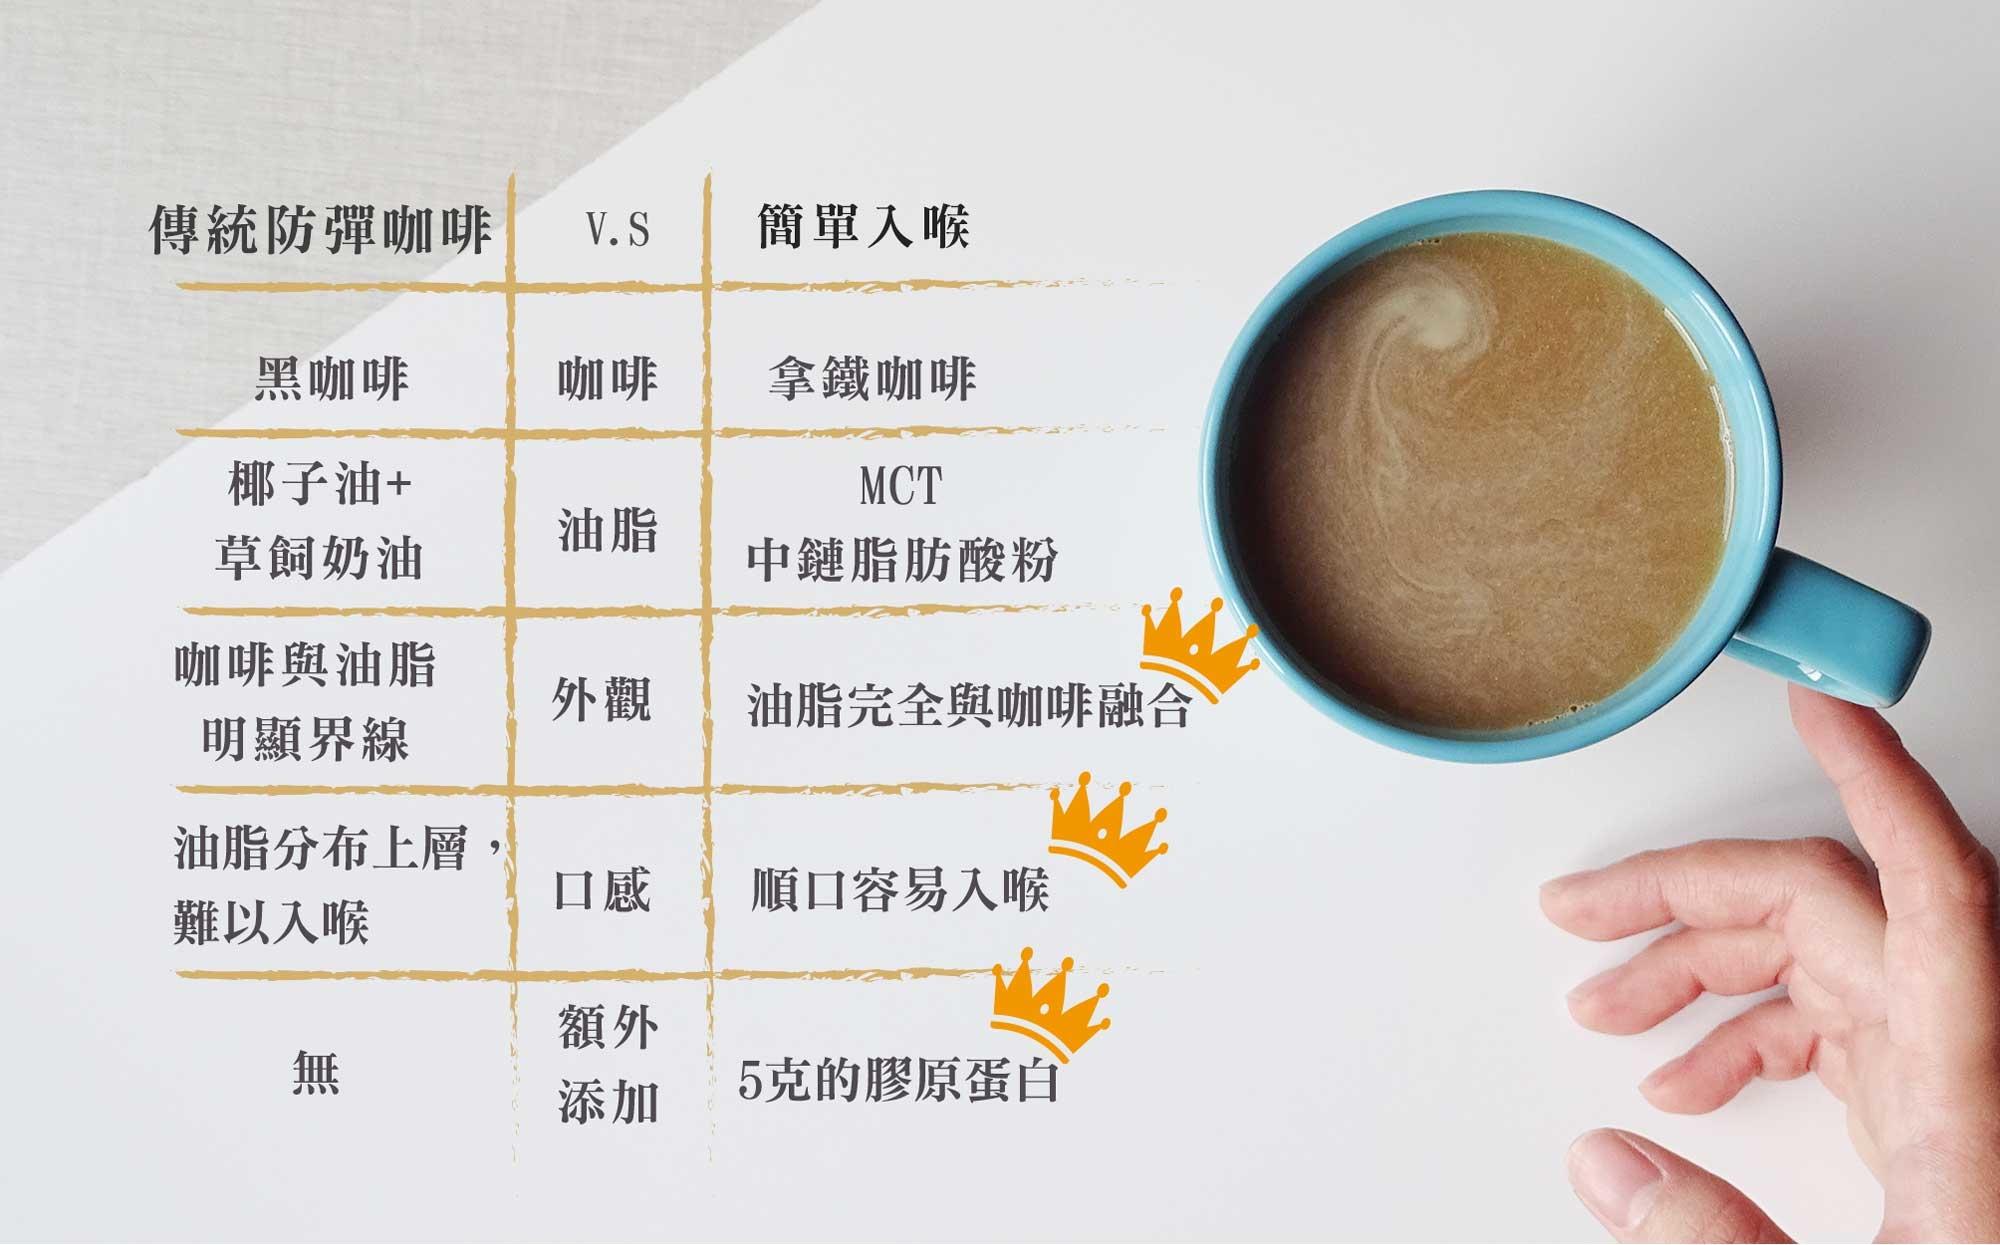 傳統防彈咖啡VS簡單入喉-比比看